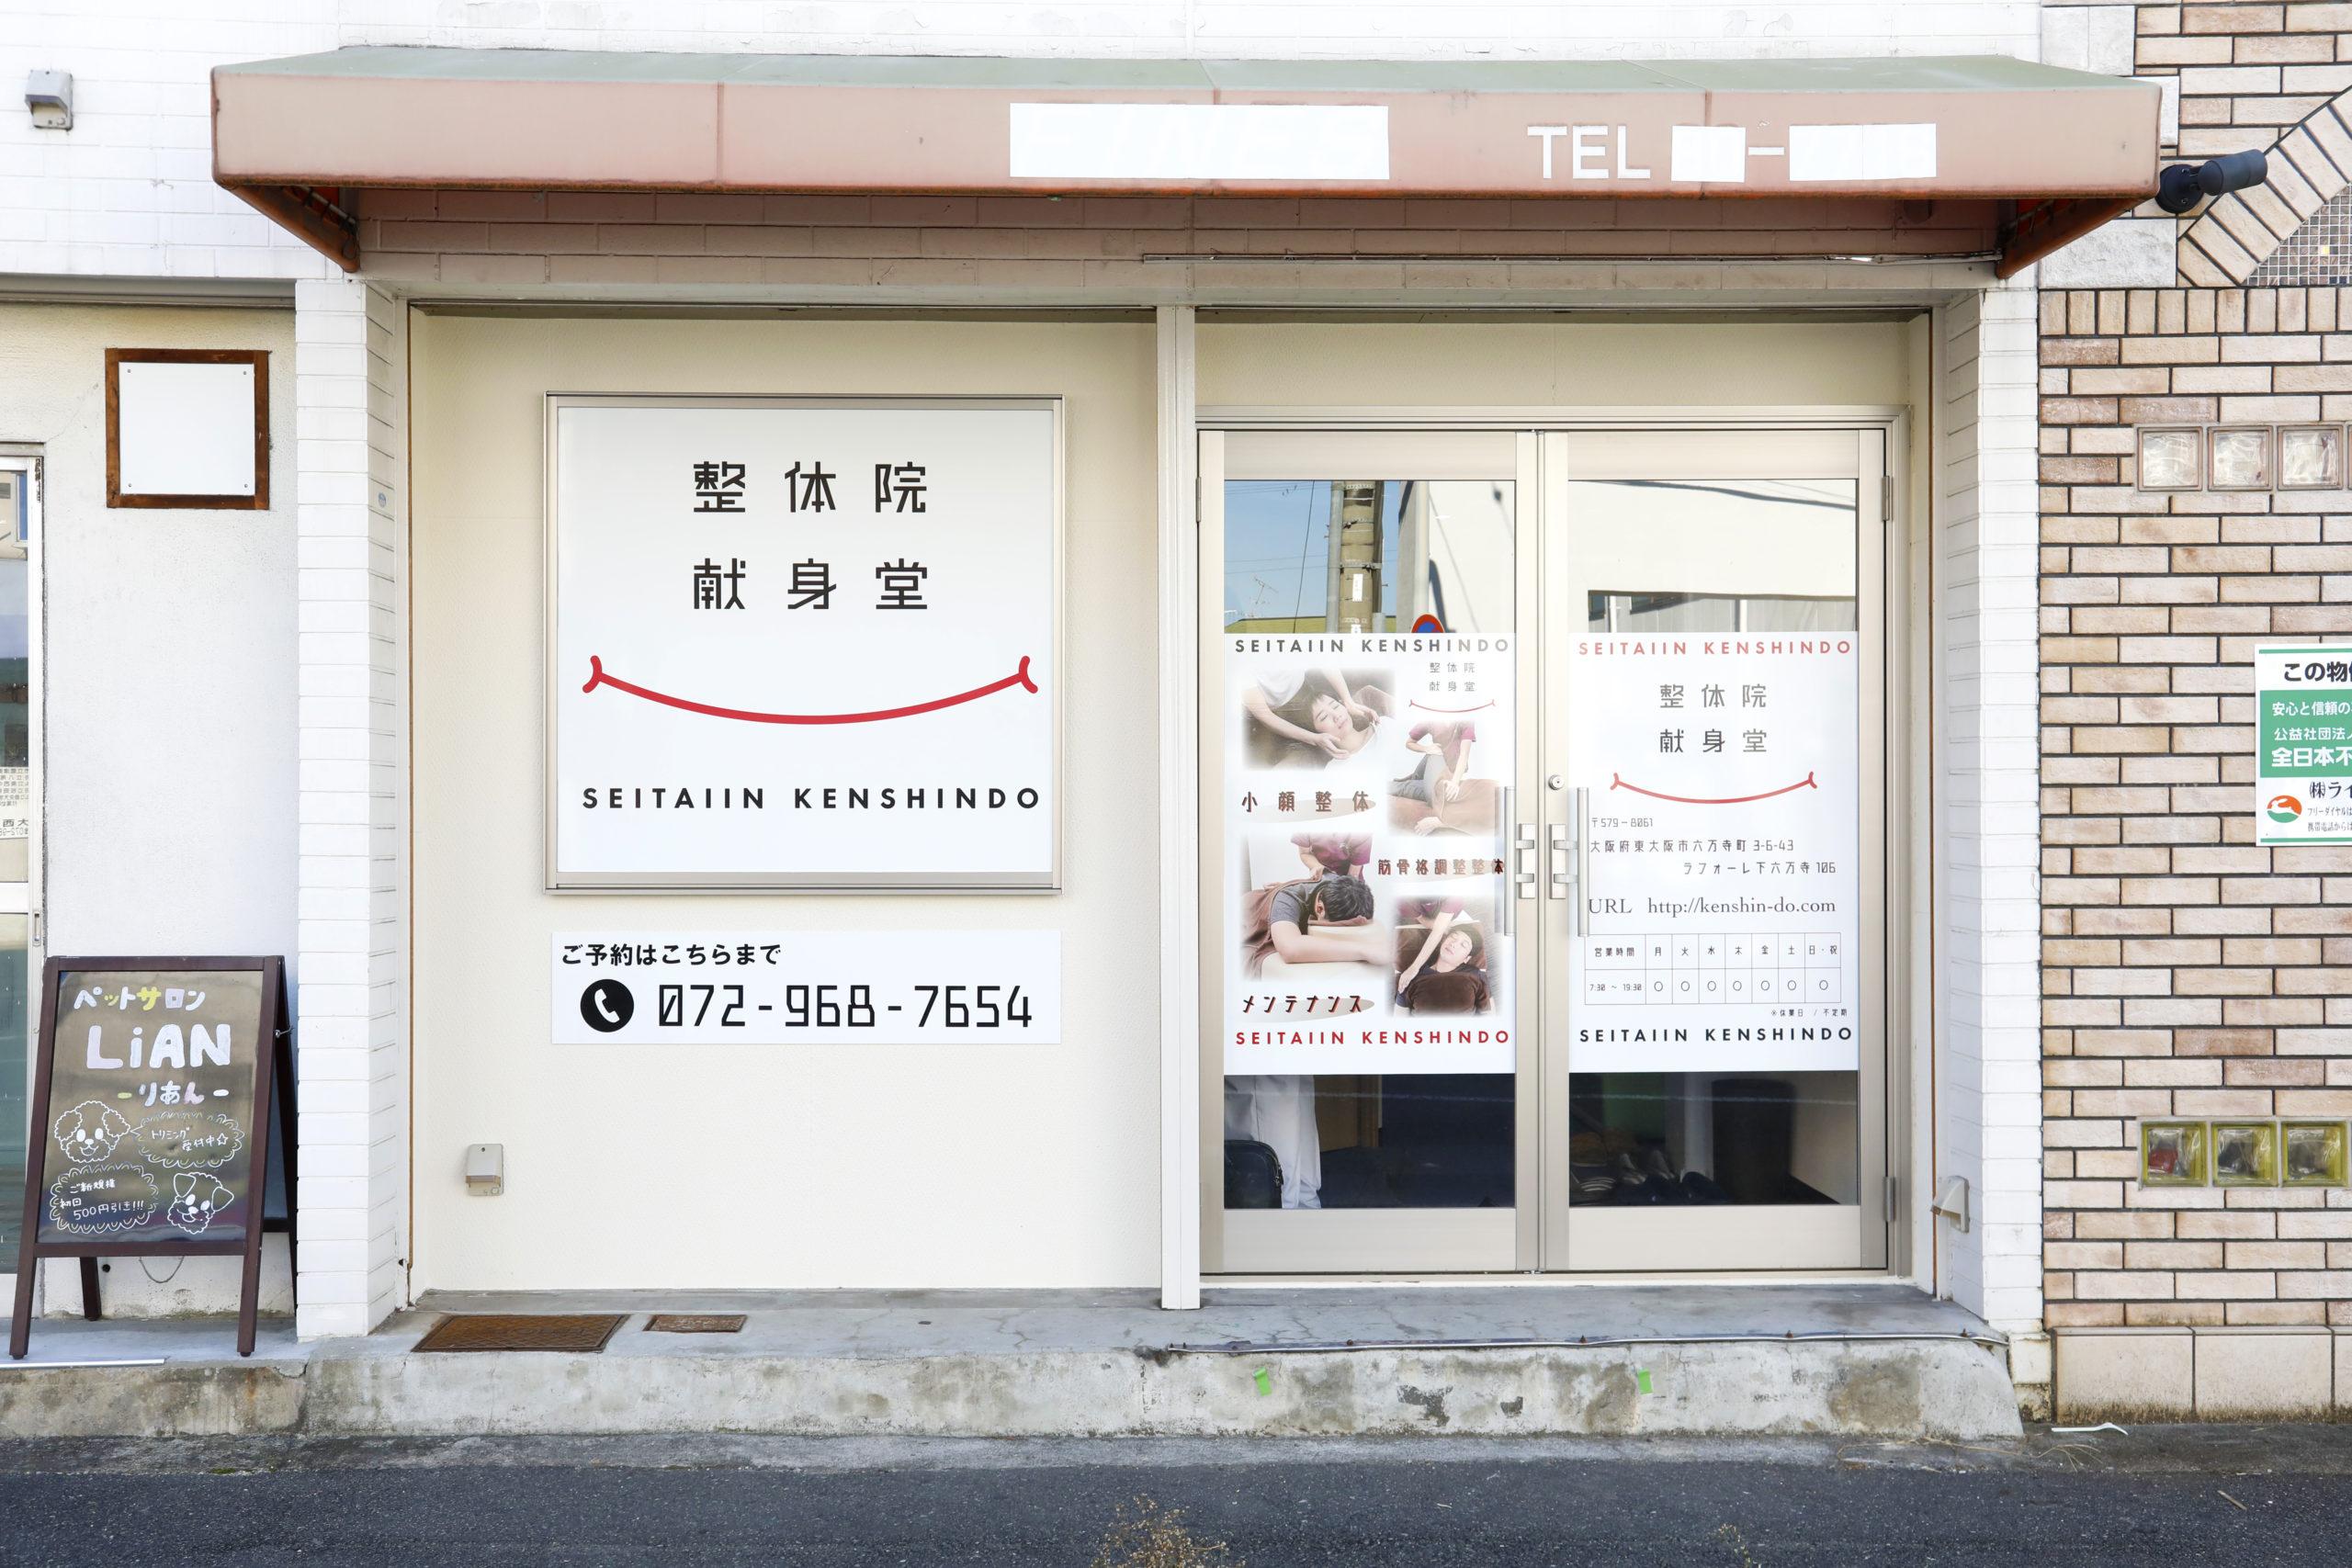 整体と整骨の違い <東大阪市の整体院 献身堂>